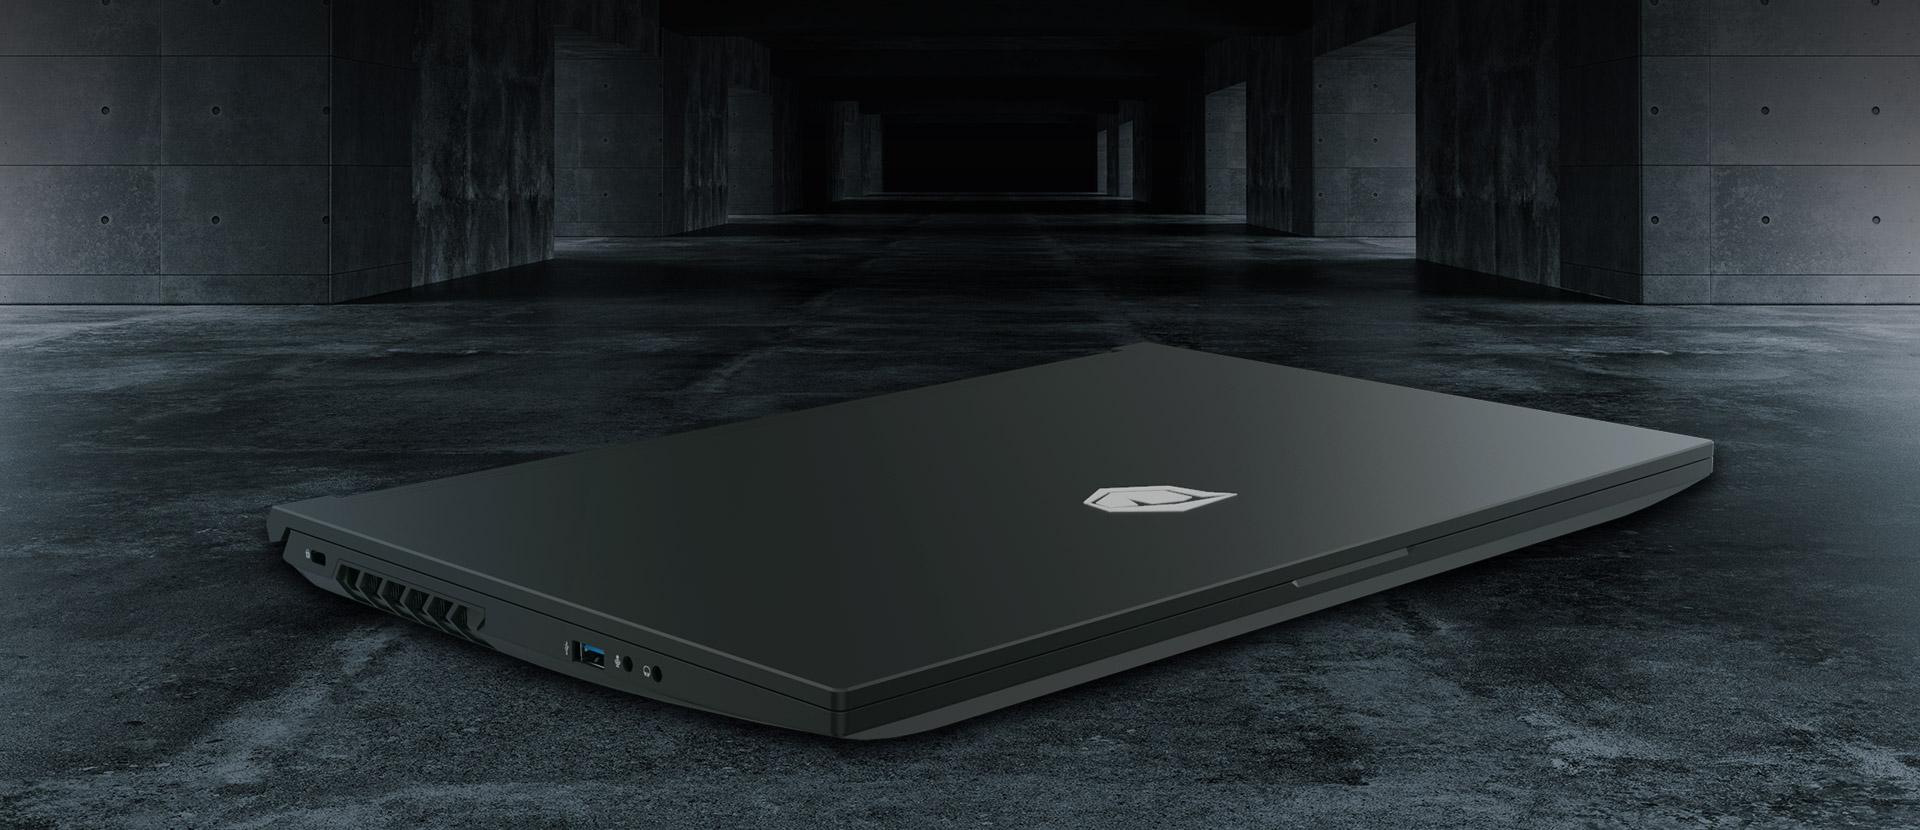 Monster Notebook TULPAR T5 V20.2.1